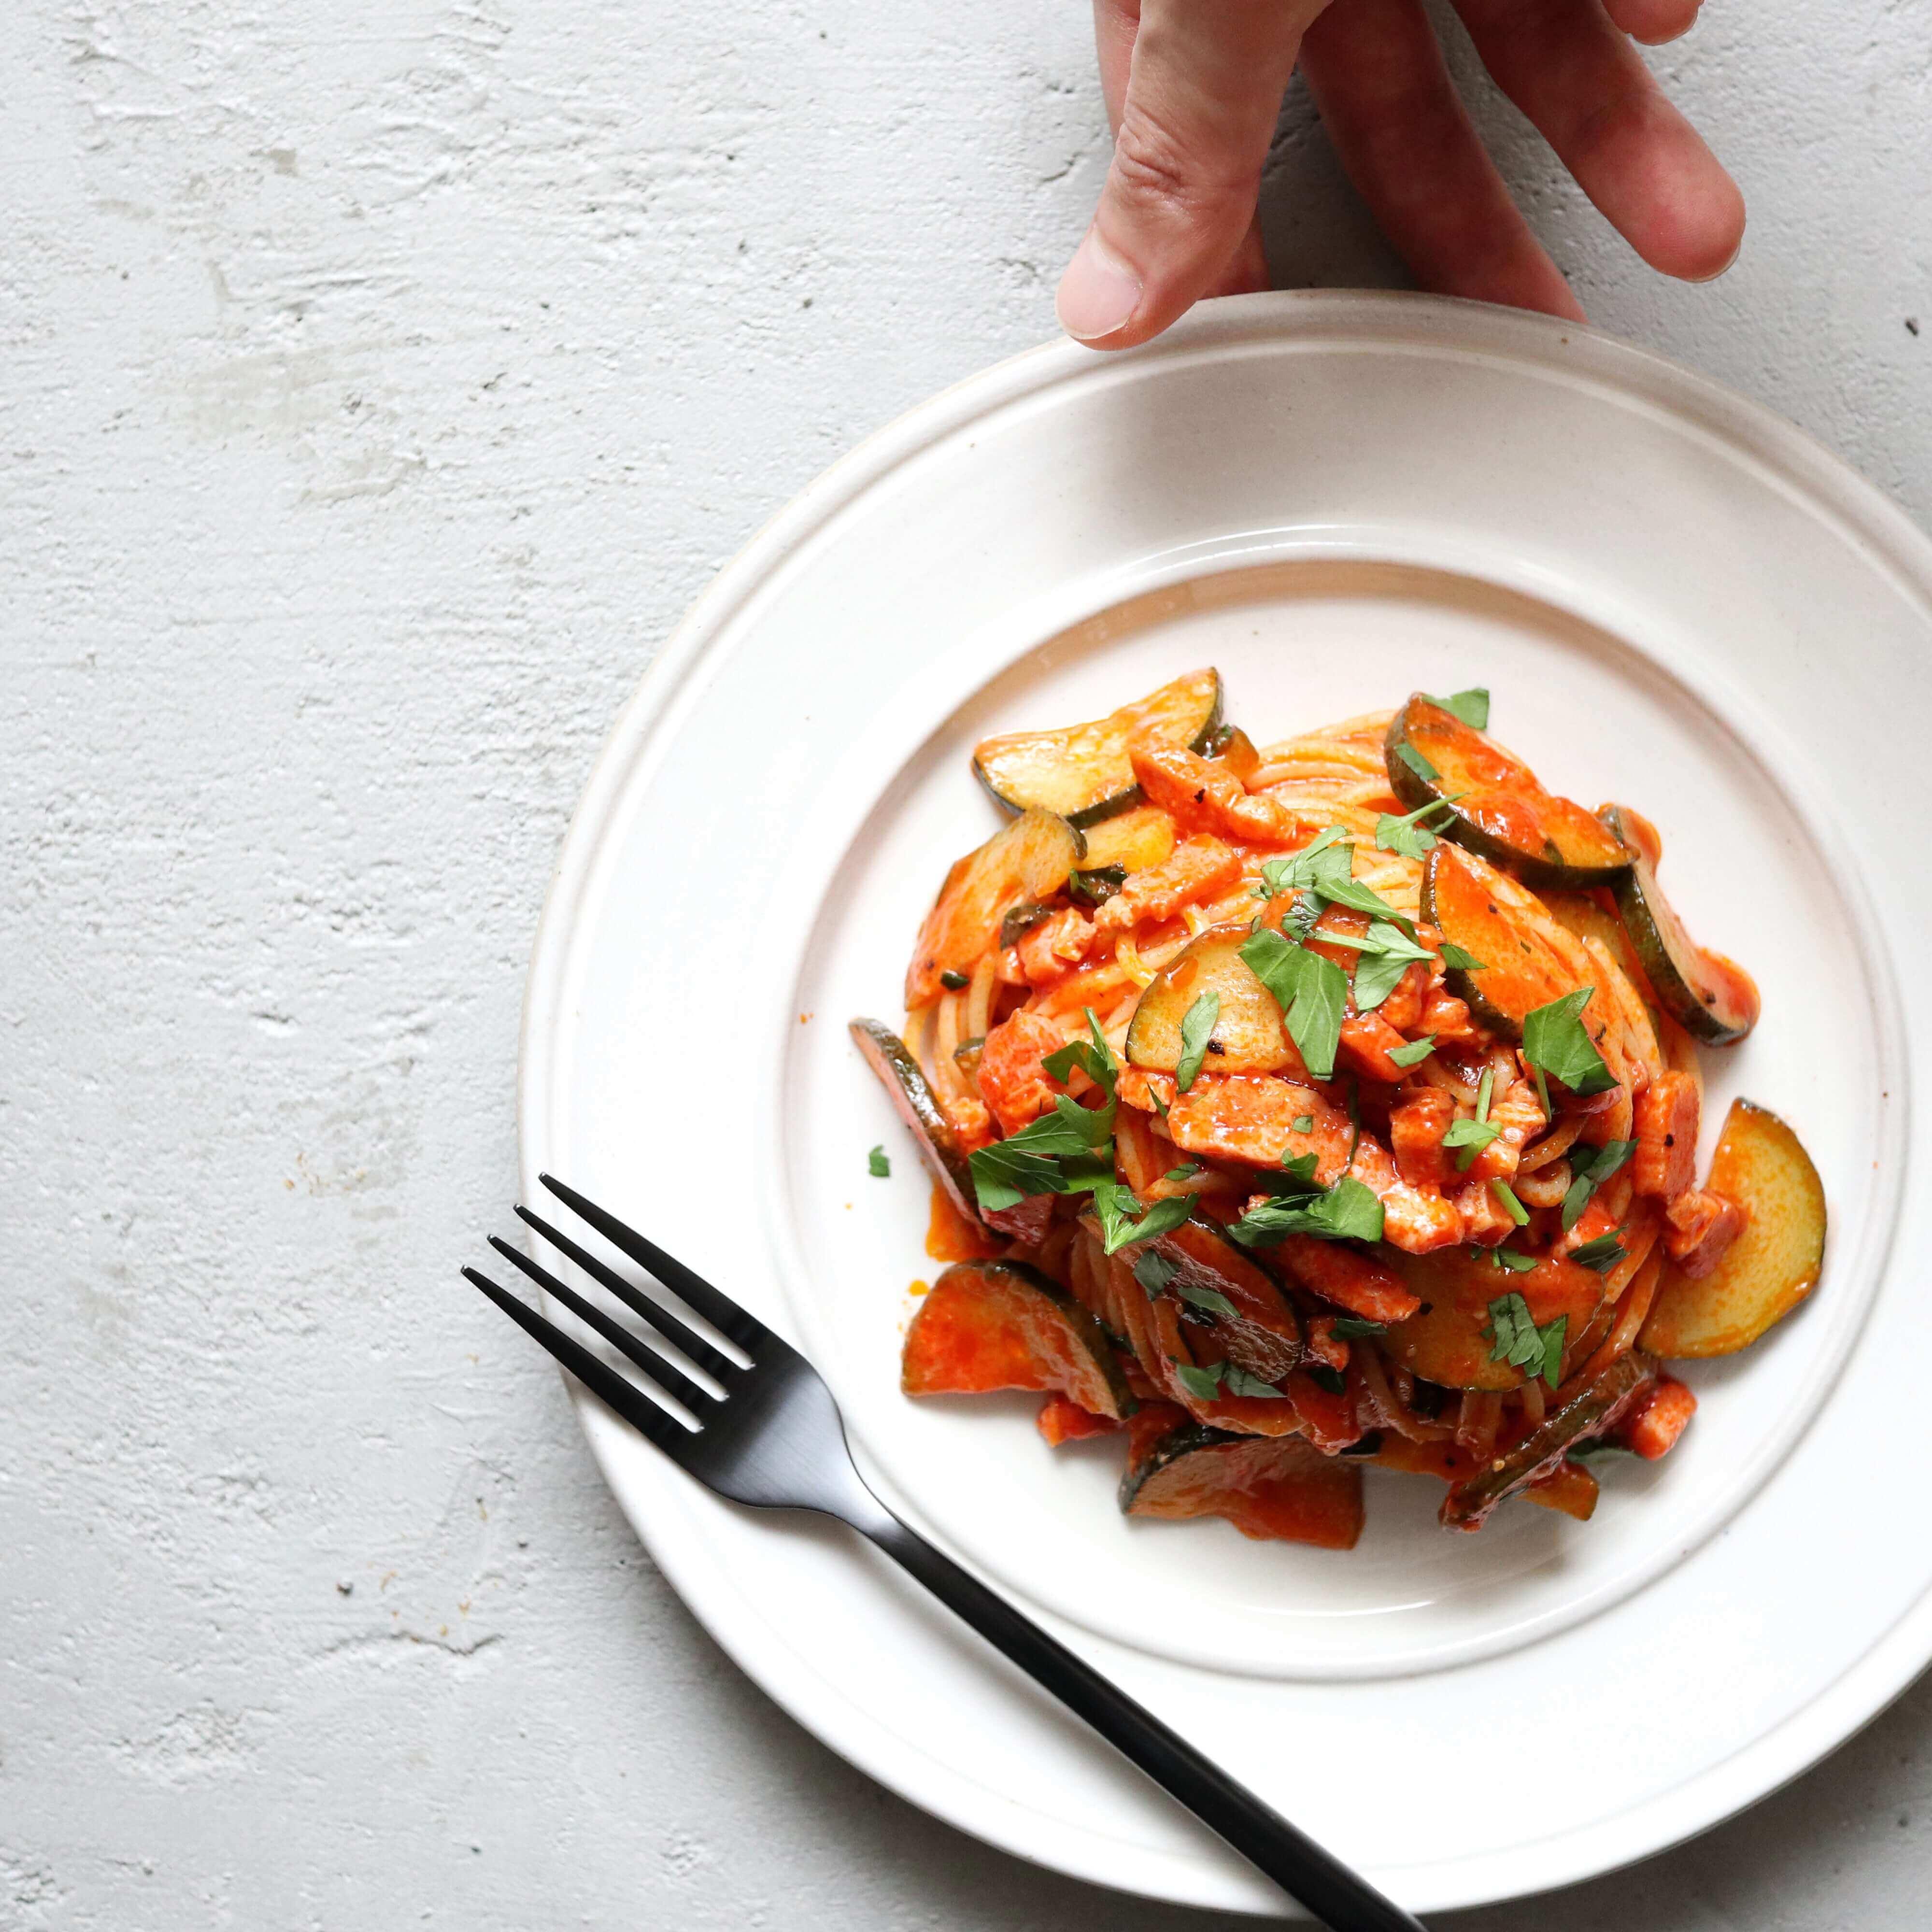 【お店の味】ズッキーニとベーコンのトマトパスタのレシピ